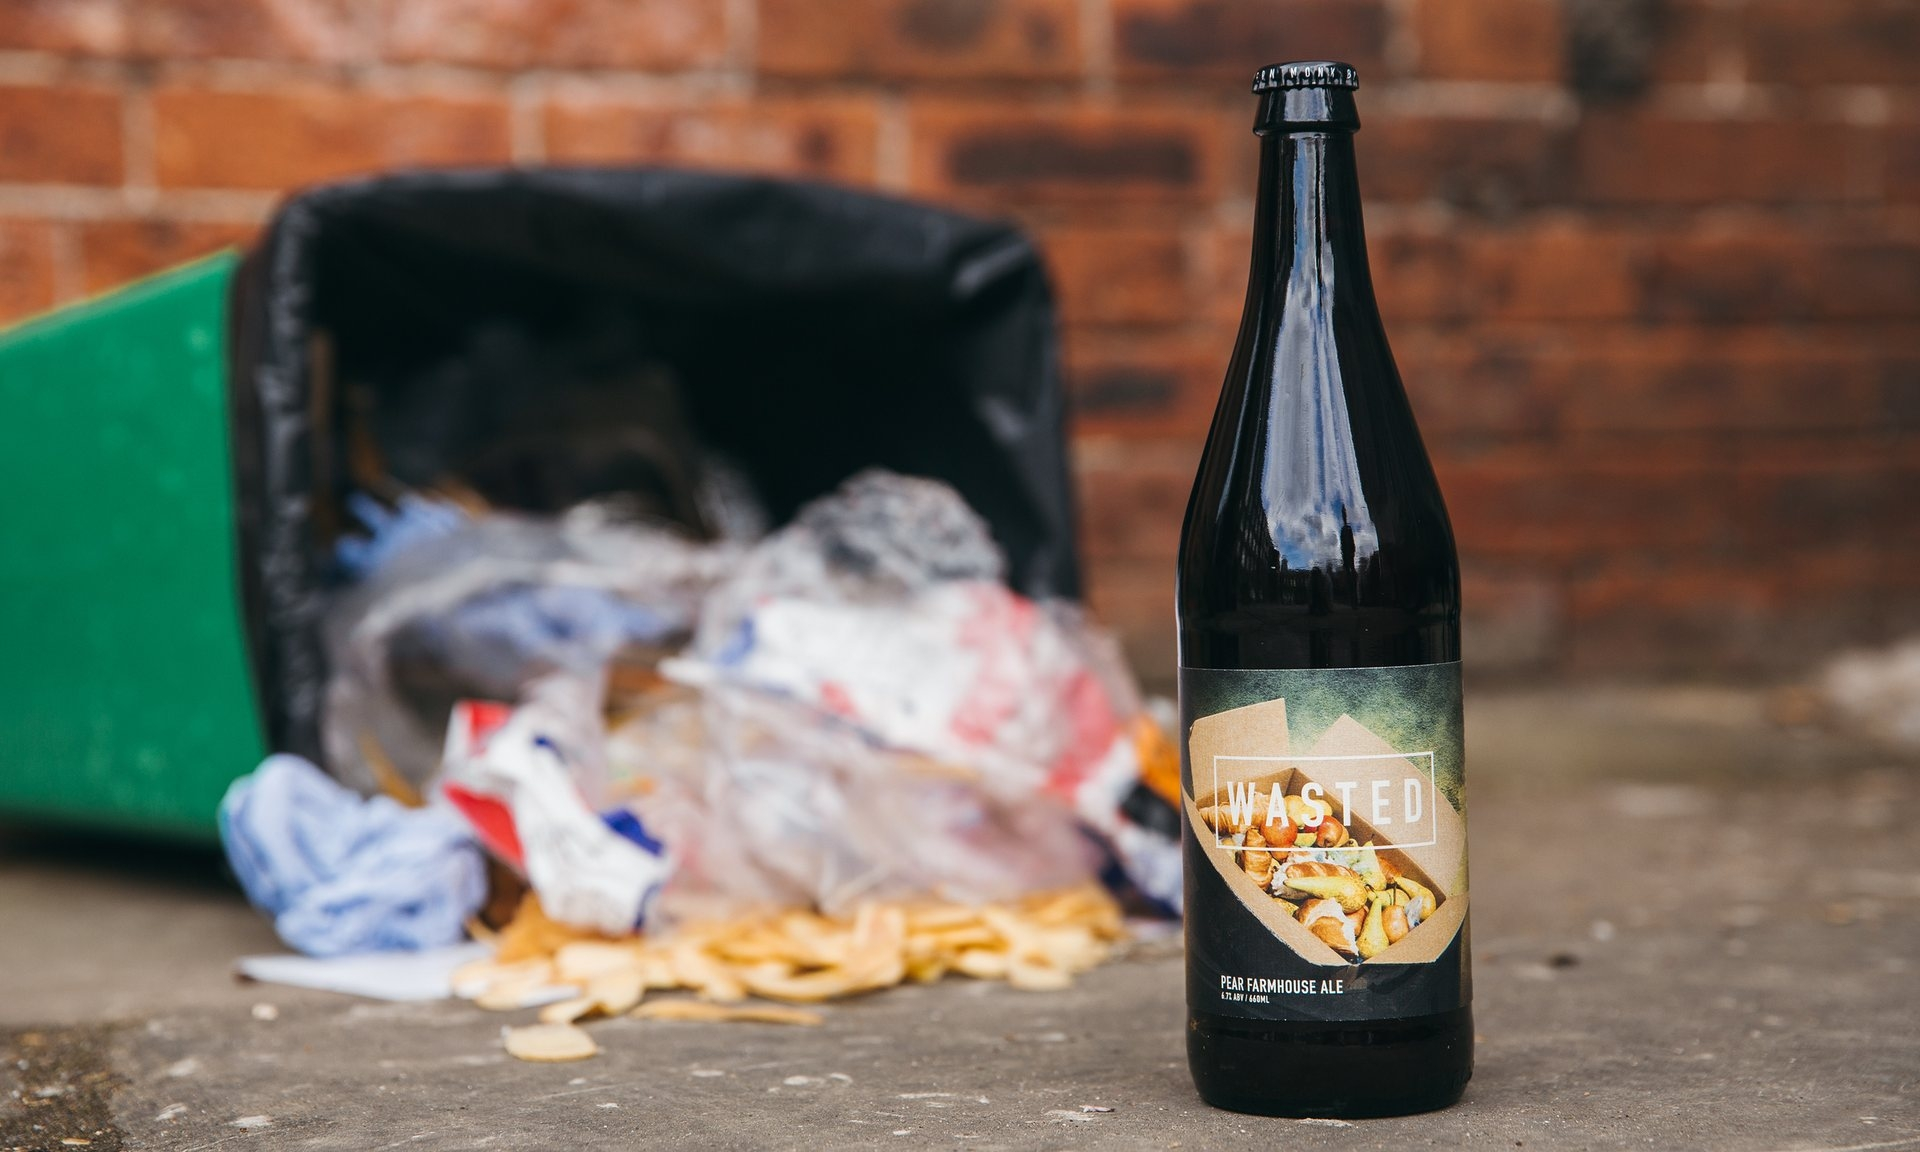 Wasted - prvé pivo bez odpadov.